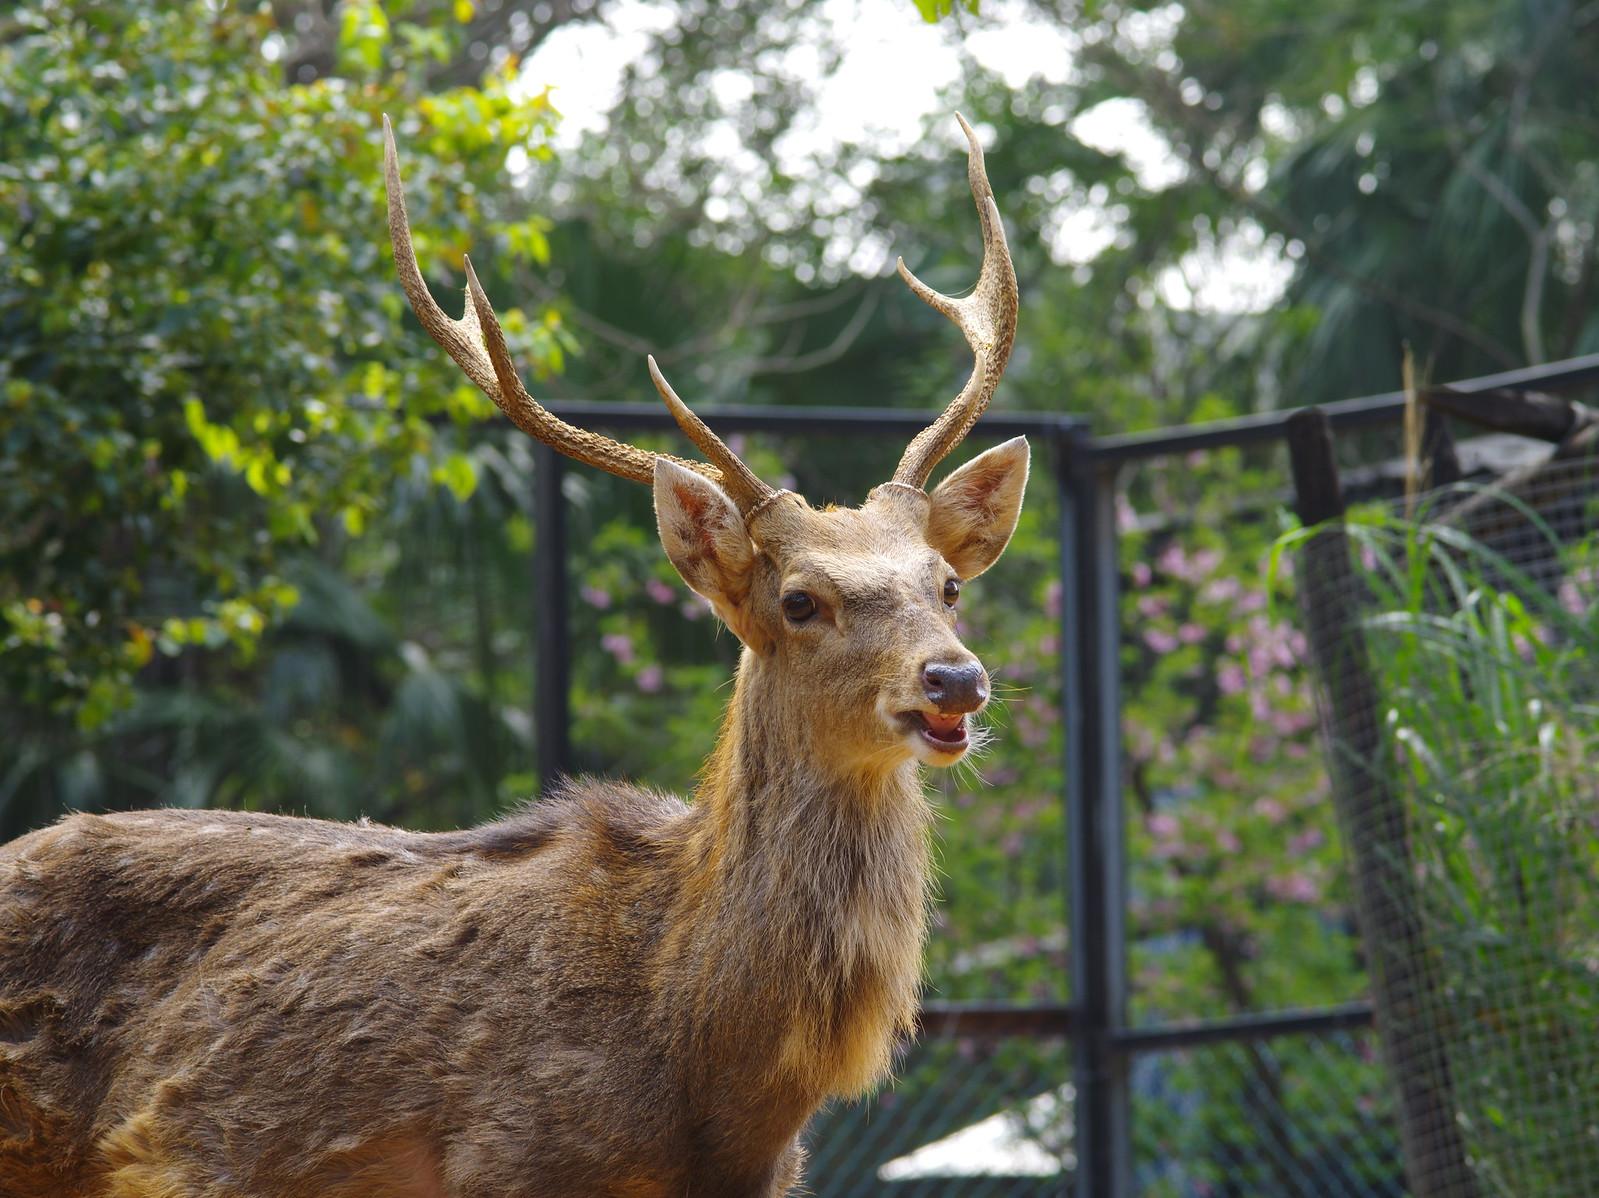 645D 新手試拍試貼-新竹市立動物園雜拍